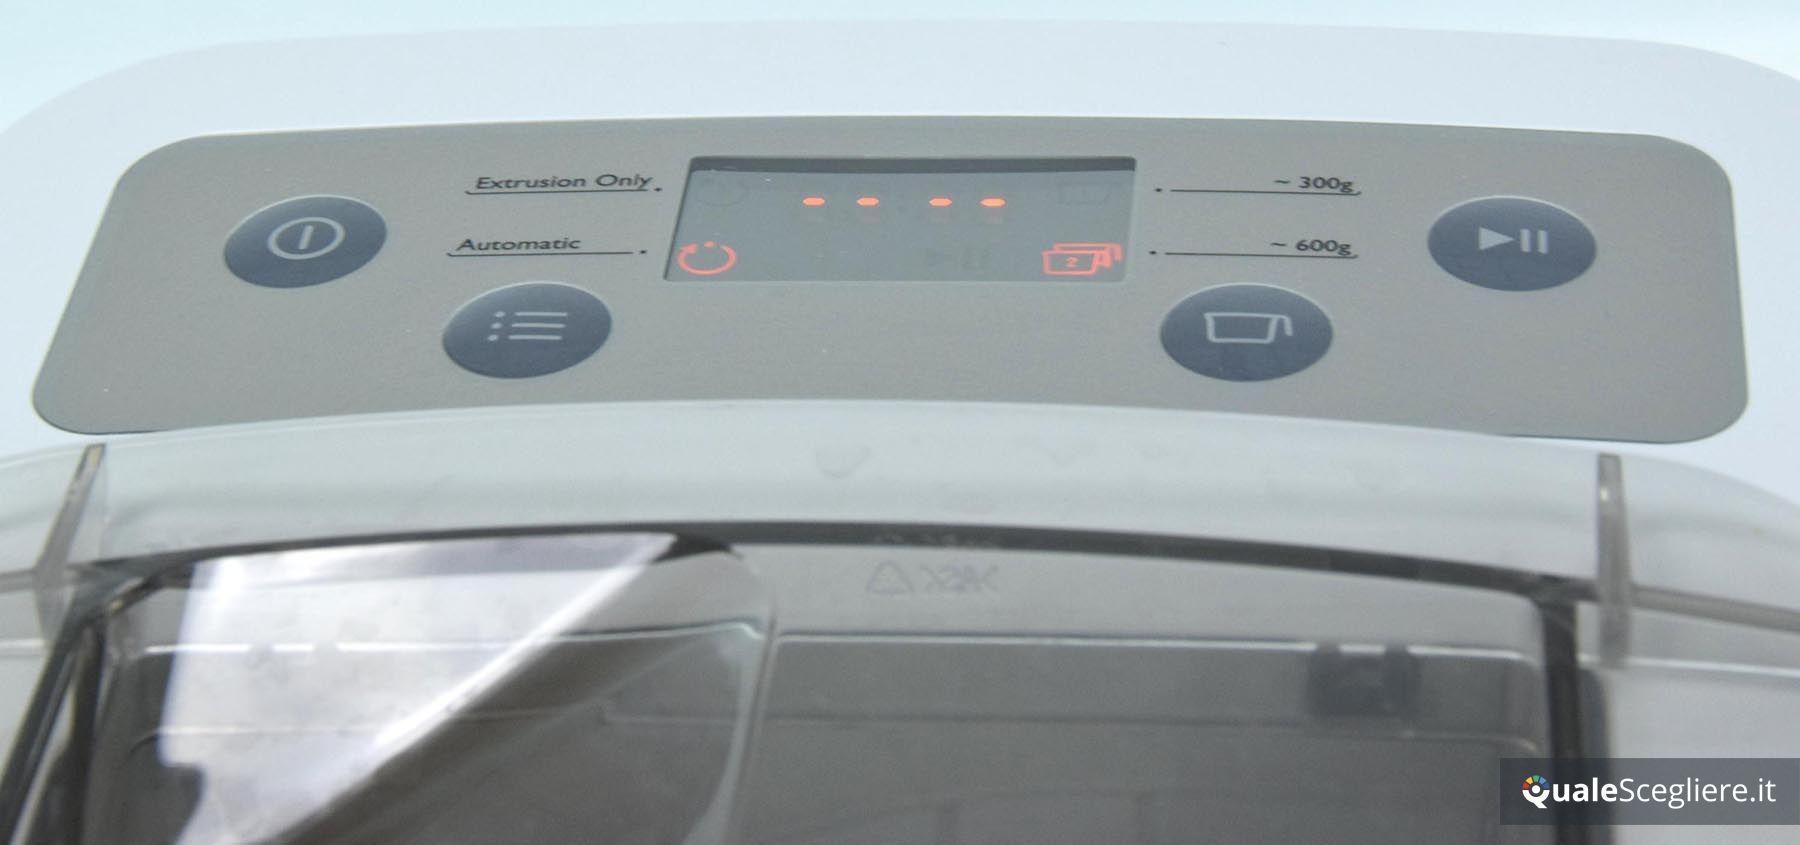 Come si usa la macchina per la pasta quale scegliere for Piani per la macchina